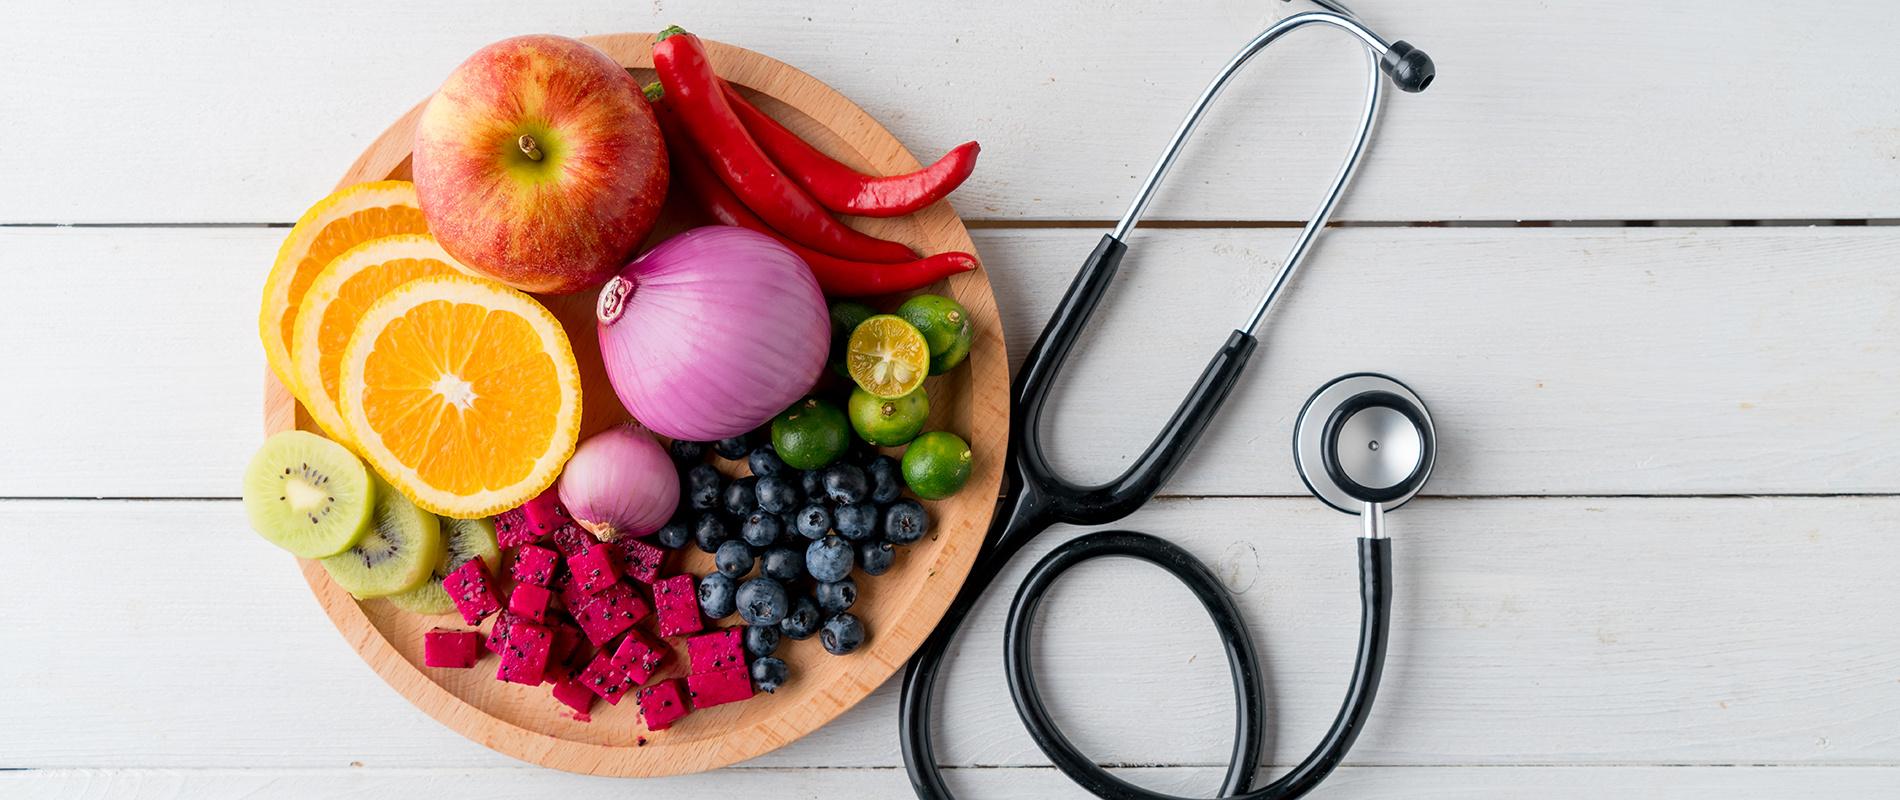 magas vérnyomás kezelési rendje idős korban mit ehet magas vérnyomás és veseelégtelenség esetén